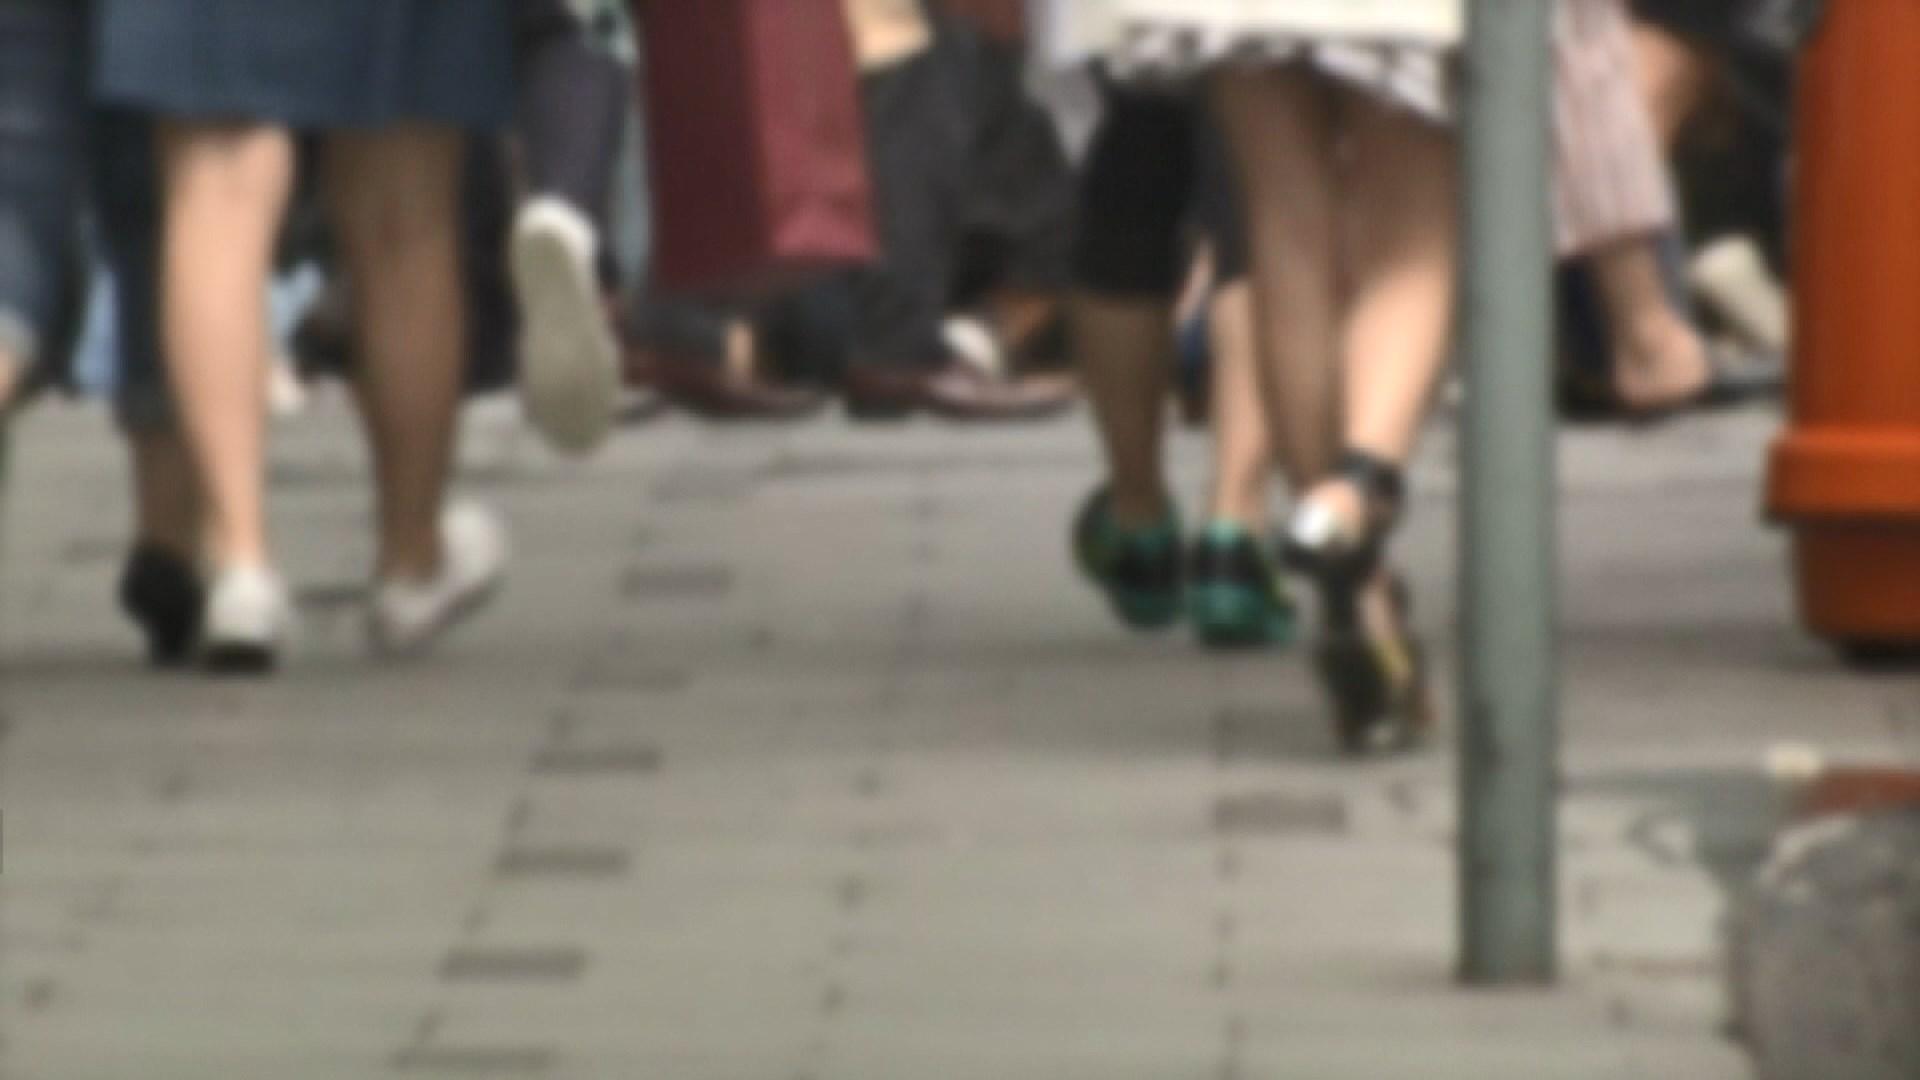 法改會建議拍攝裙底罪應涵蓋公眾及私人地方